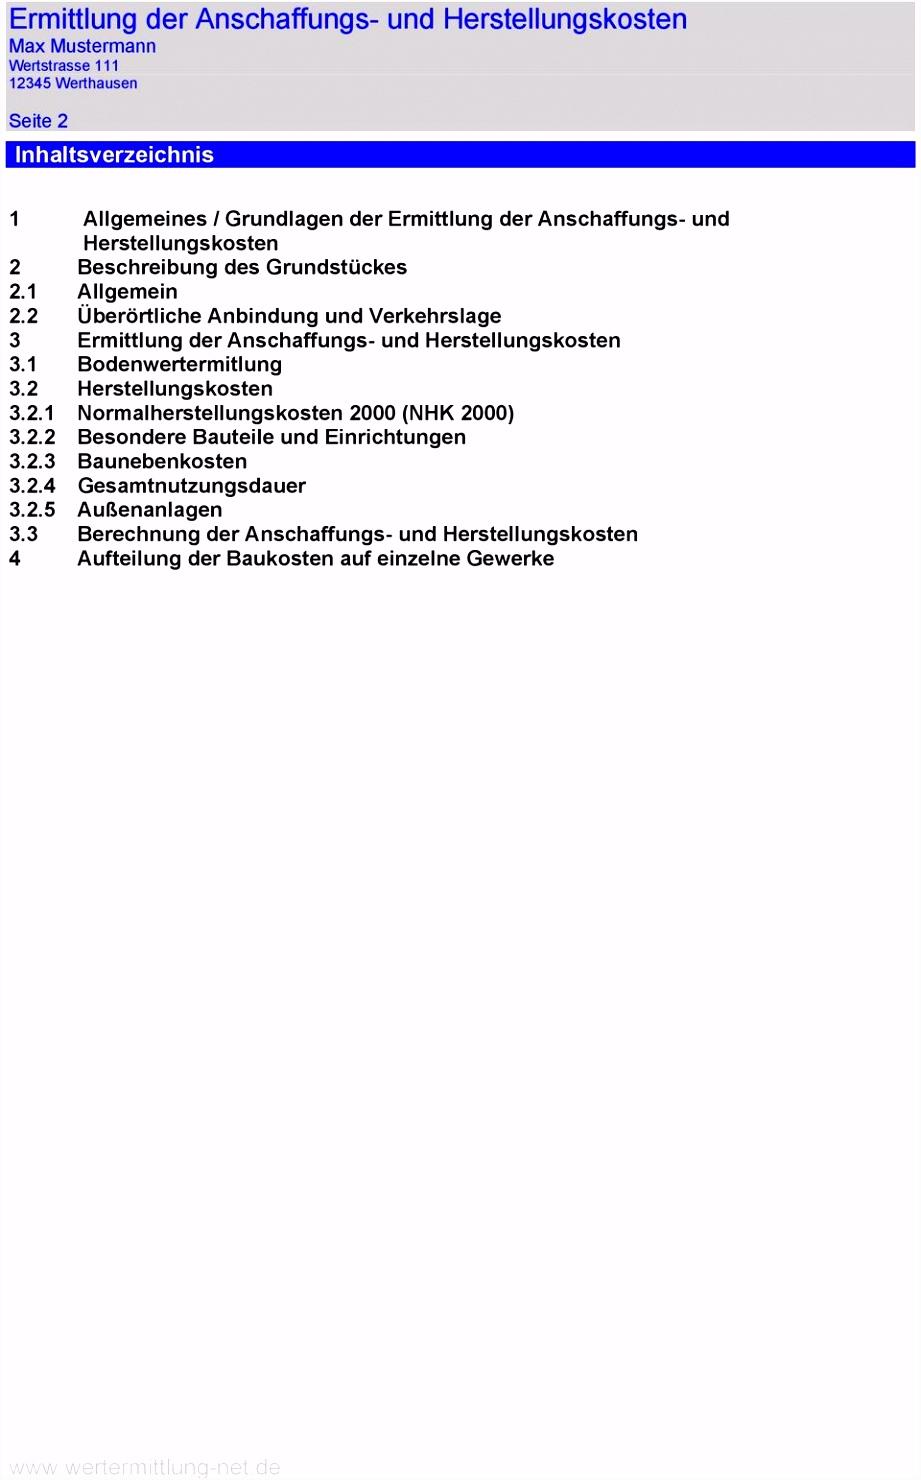 ERMITTLUNG DER ANSCHAFFUNGS UND HERSTELLUNGSKOSTEN PDF